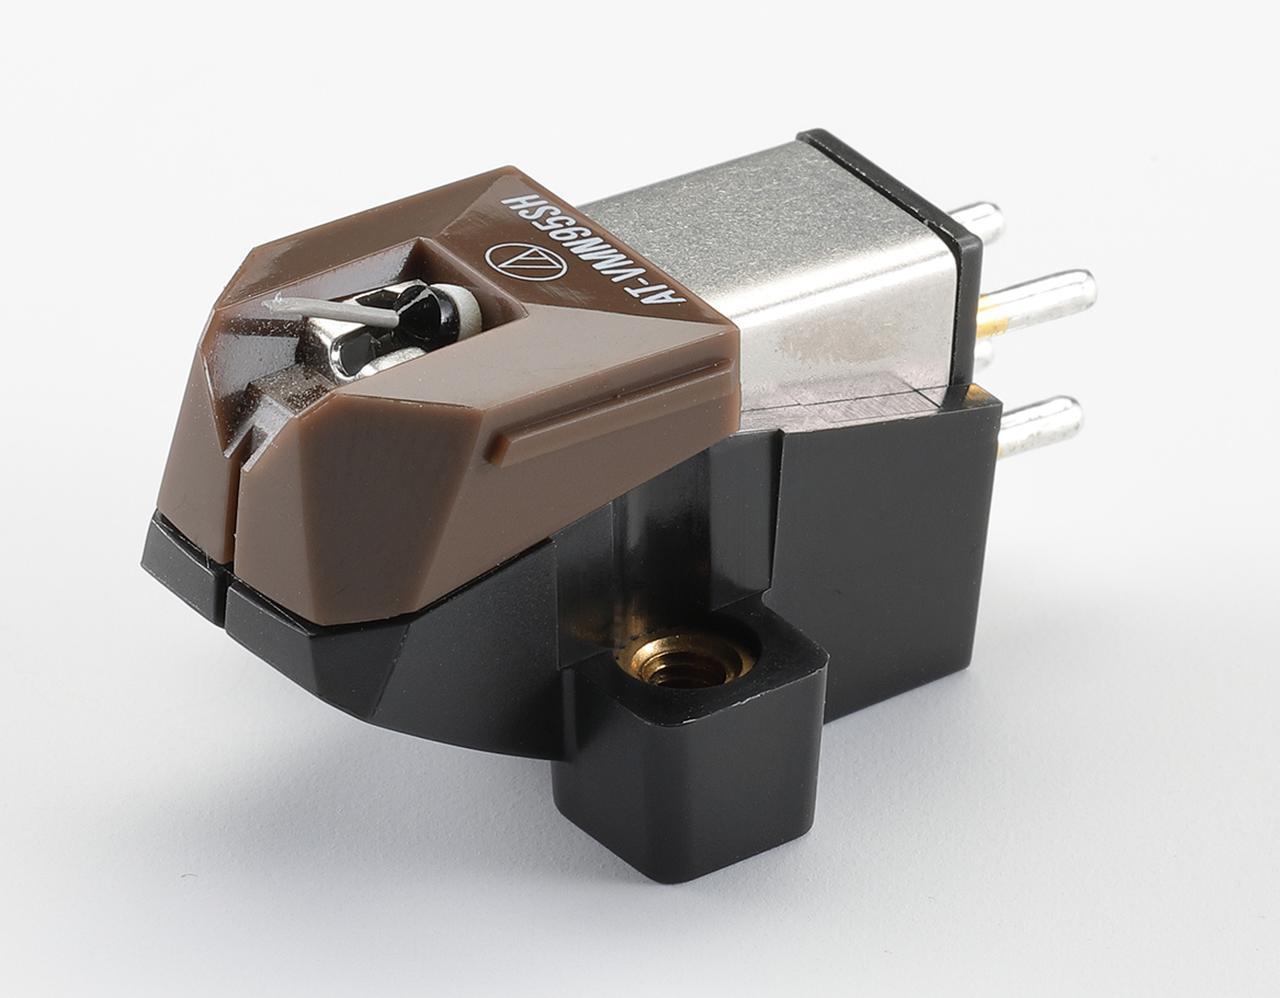 画像: オーディオテクニカ AT-VM95SH ¥33,000 ●発電方式:VM型●出力電圧:3.5mV(1kHz、5cm/sec)●推奨負荷抵抗:47kΩ●適正針圧:1.8g〜2.2g(2.0g標準)●推奨負荷容量:100〜200pF●カンチレバー:アルミニウムパイプ●自重:6.1g●交換針:AT-VMN95SH(¥30,000)●問合せ先:(株)オーディオテクニカ